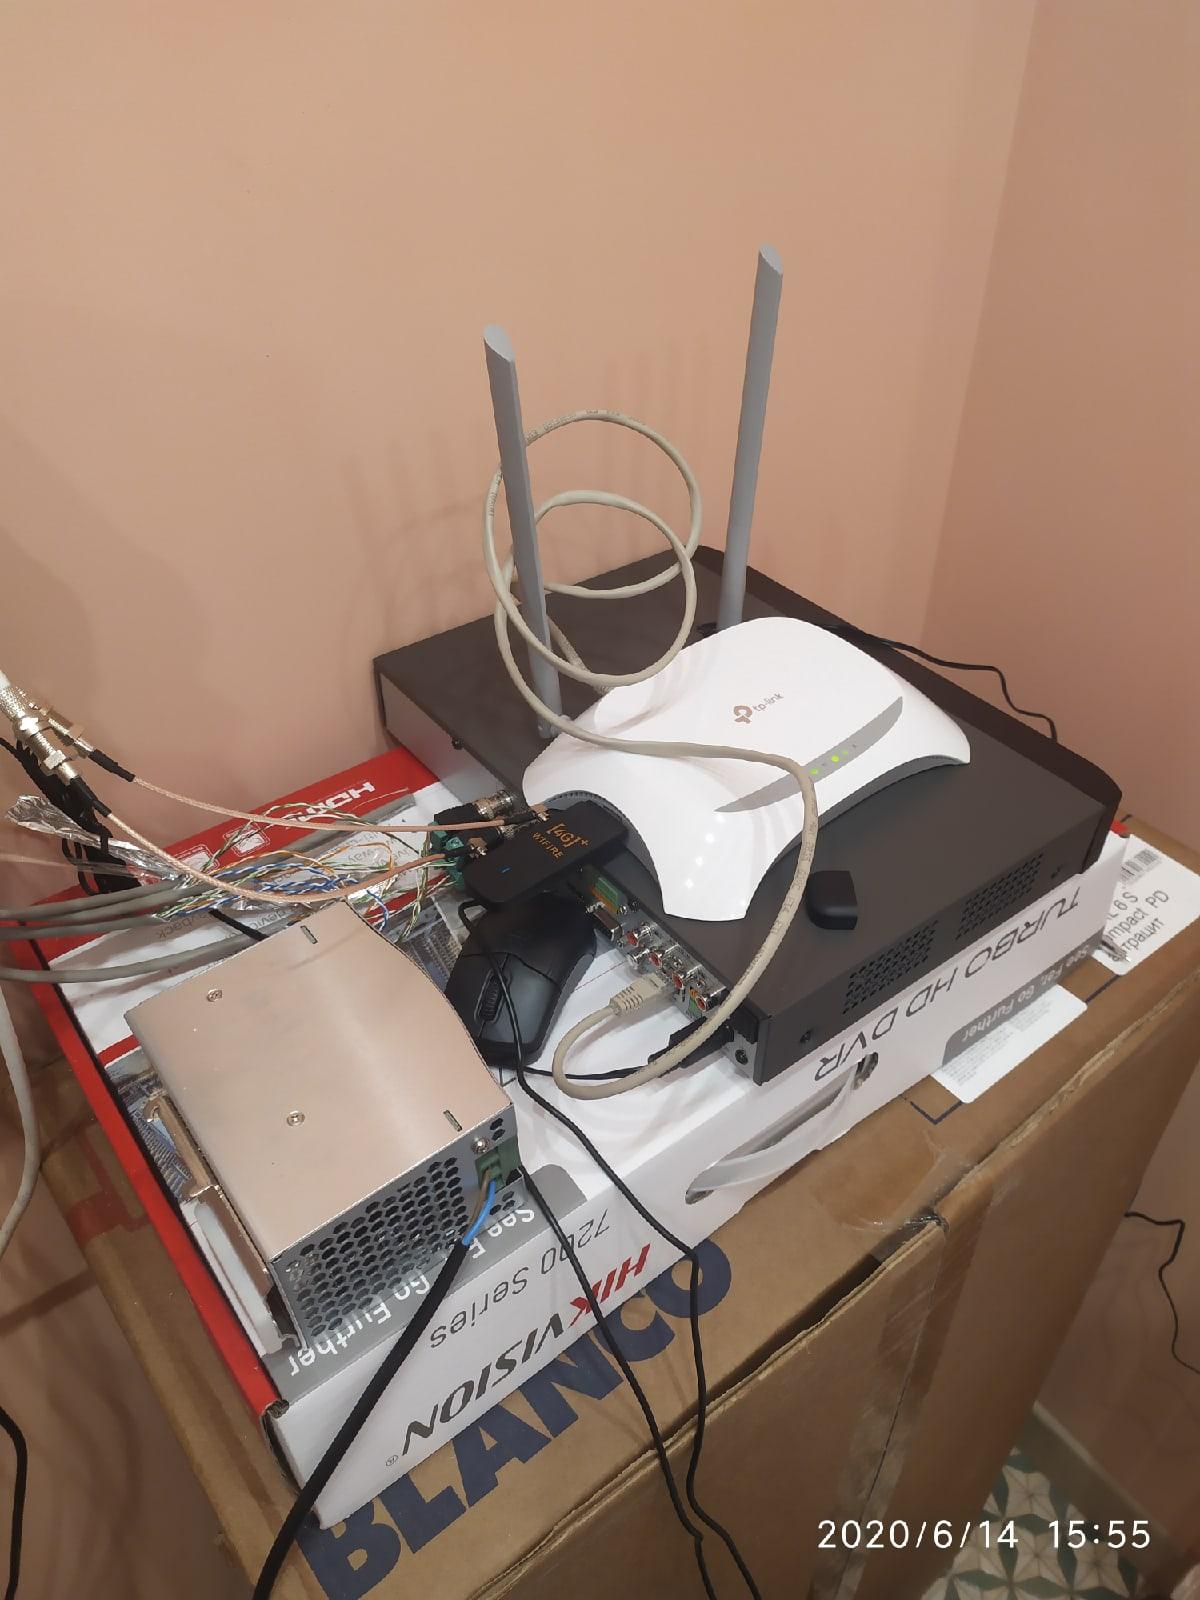 Безлимитный интернет в дубенском районе, Тульская область!